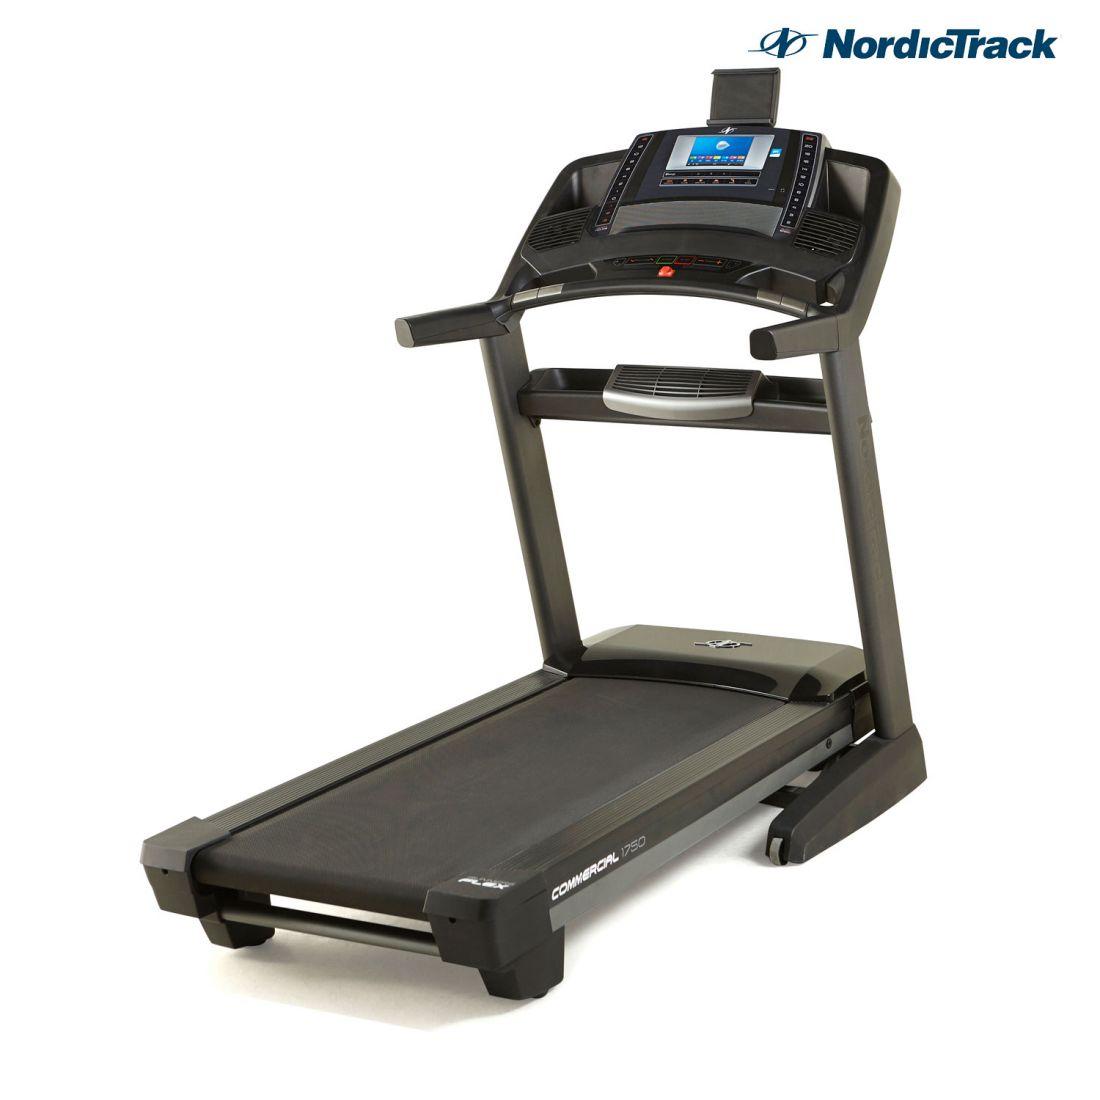 Электрическая беговая дорожка - NordicTrack Commercial 1750